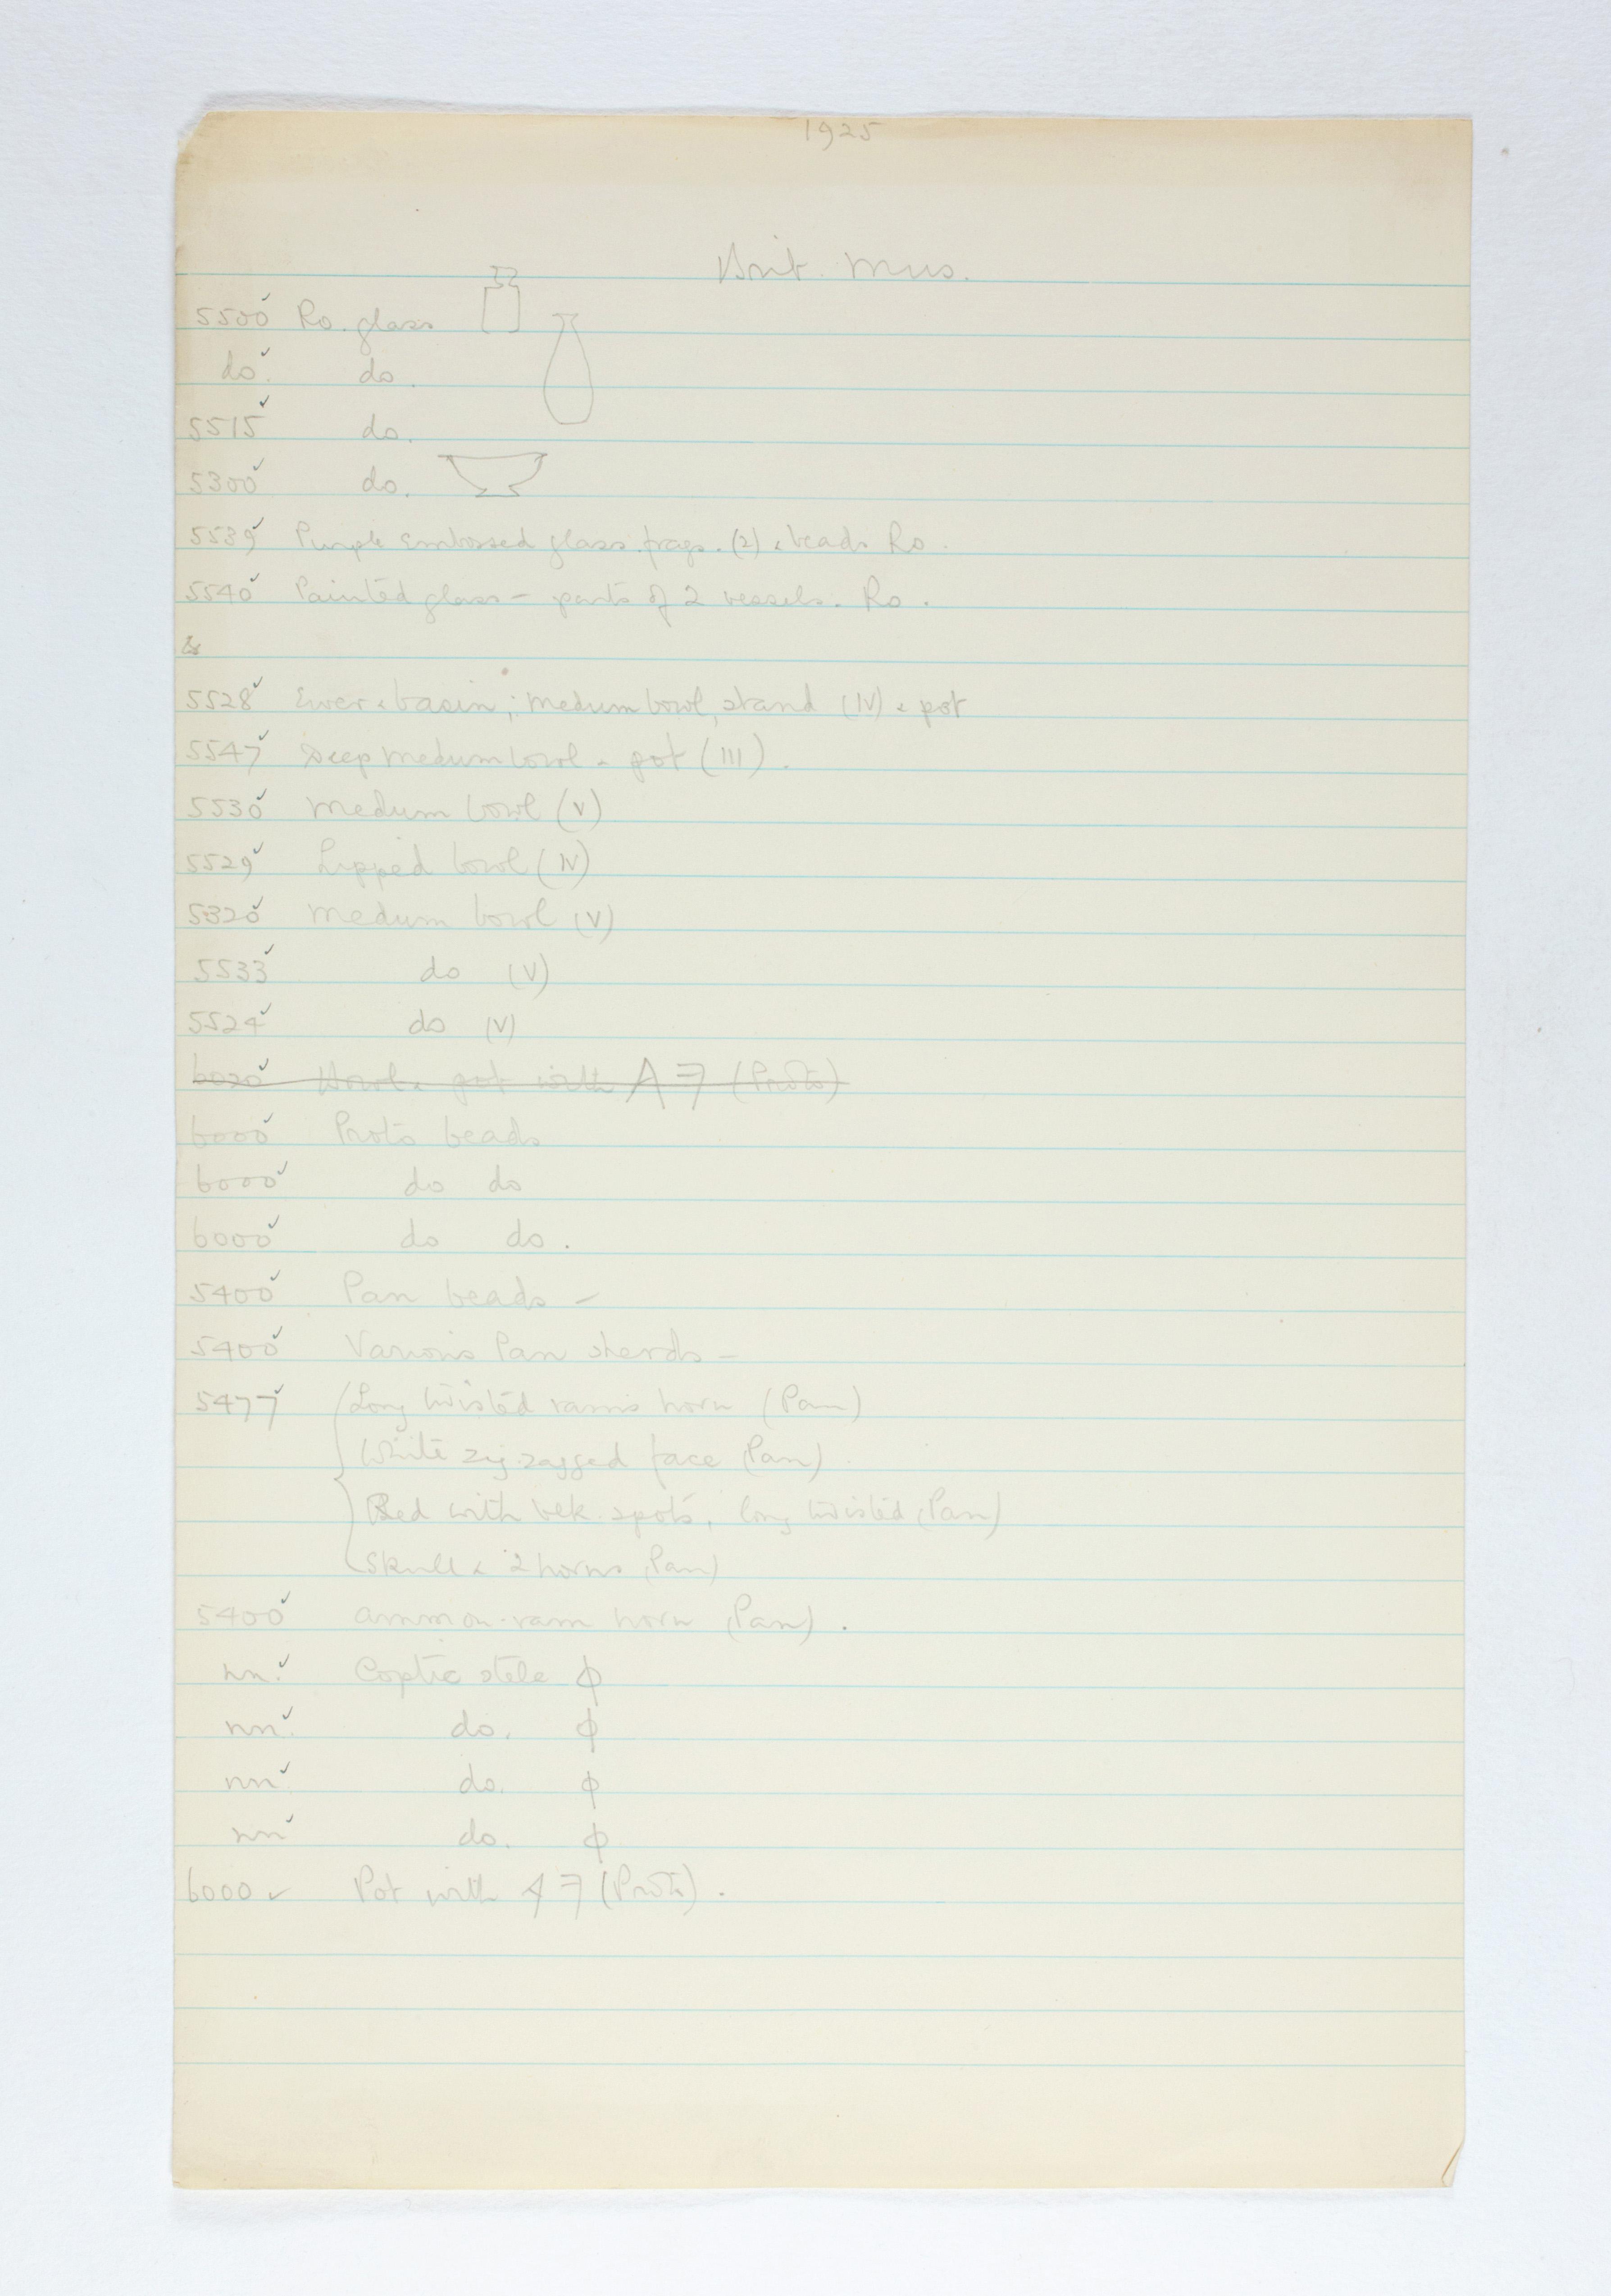 1924-25 Badari, Faiyum Individual institution list PMA/WFP1/D/28/11